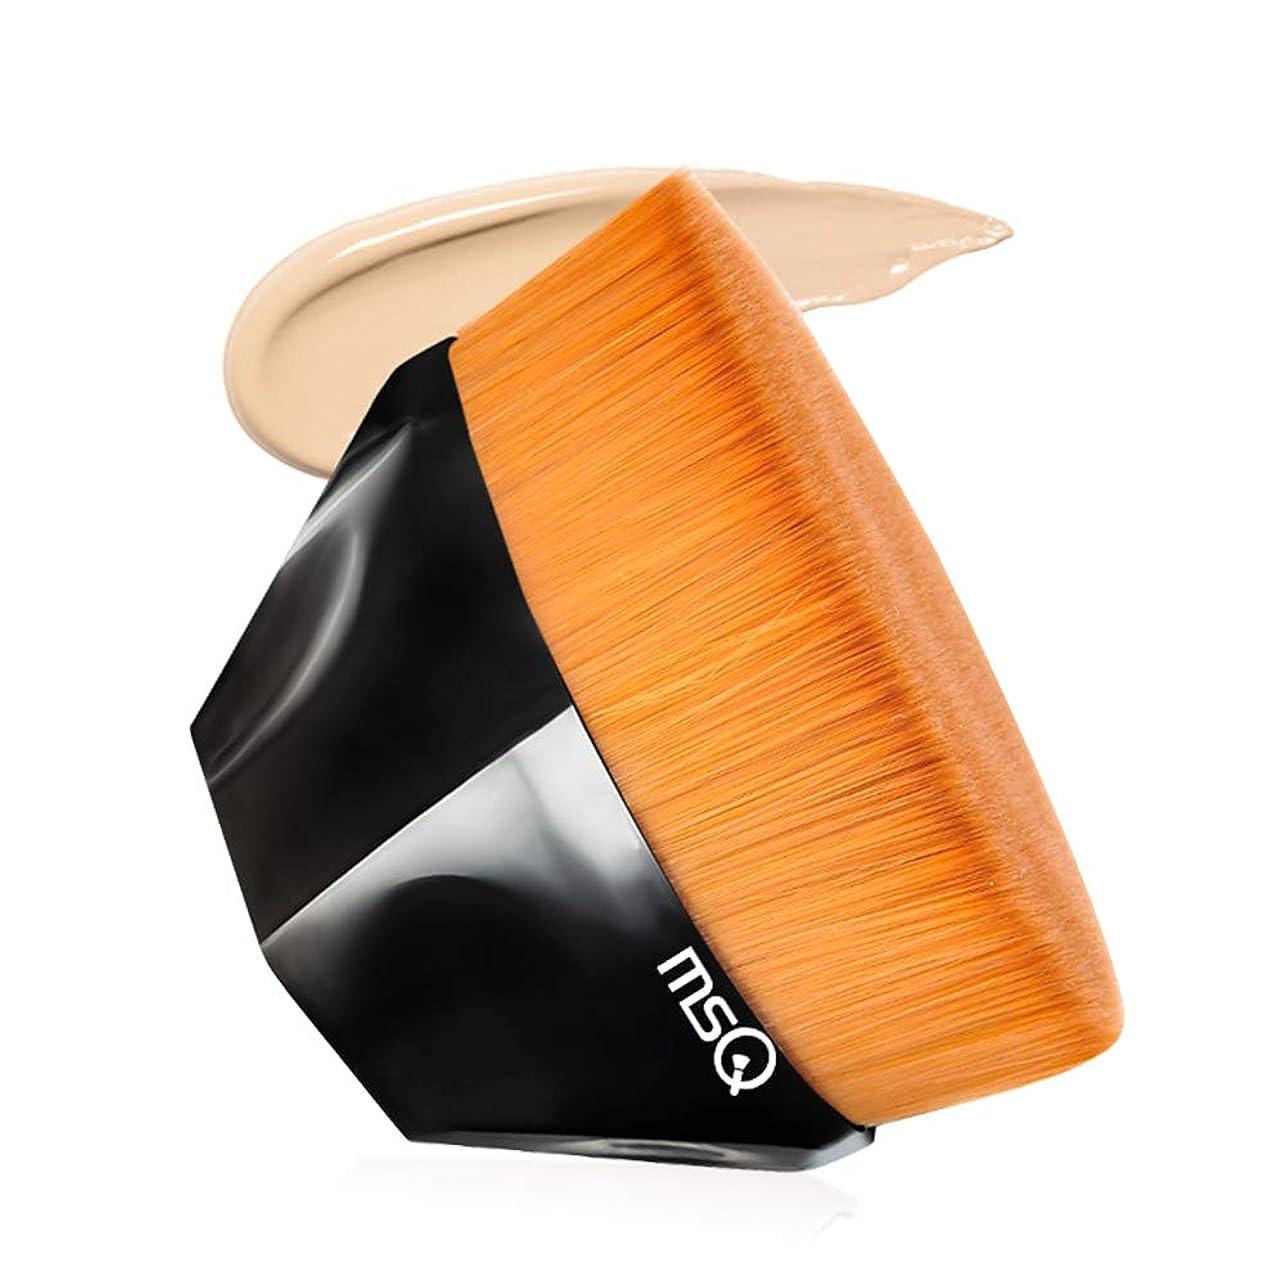 従事する離れた富MSQ 化粧ブラシ 人気 メイクブラシ メイクアップブラシ 粧ブラシ 可愛い 化粧筆 肌に優しい ファンデーションブラシ アイシャドウブラシ 携帯便利